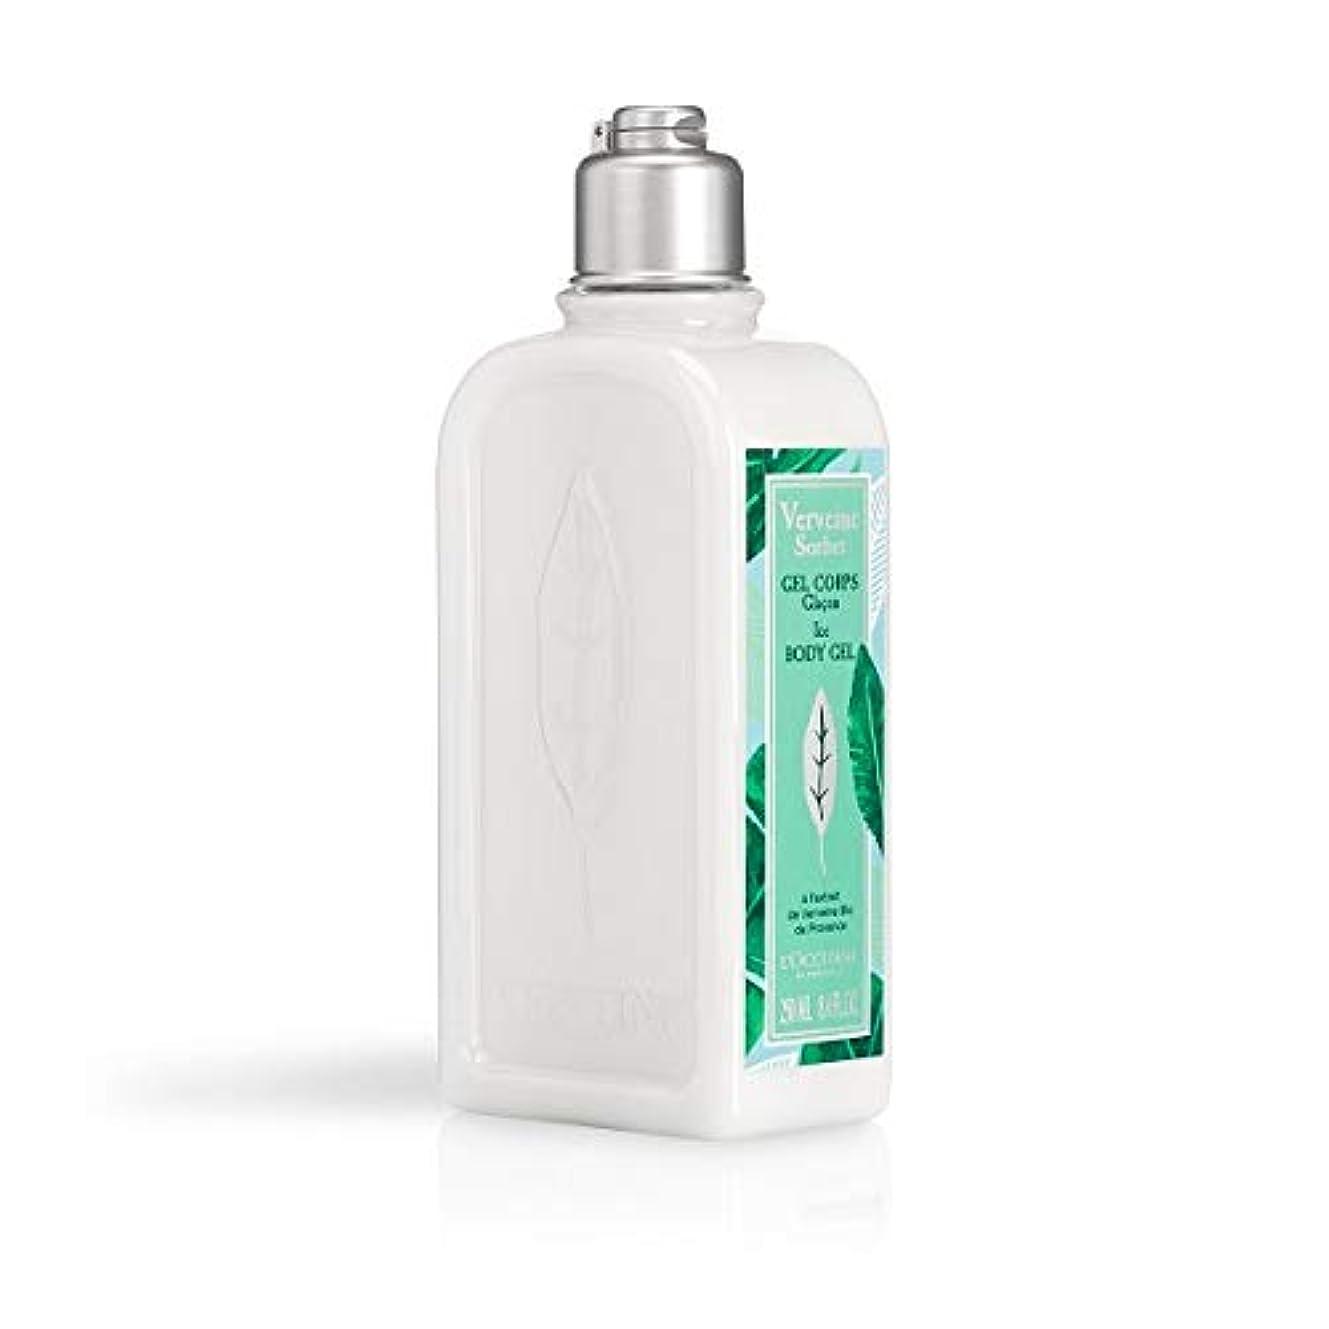 ソビエトシャツ包帯ロクシタン(L'OCCITANE) ミントウ゛ァーベナ ソルベボディジェル 250ml(ボディ用乳液)